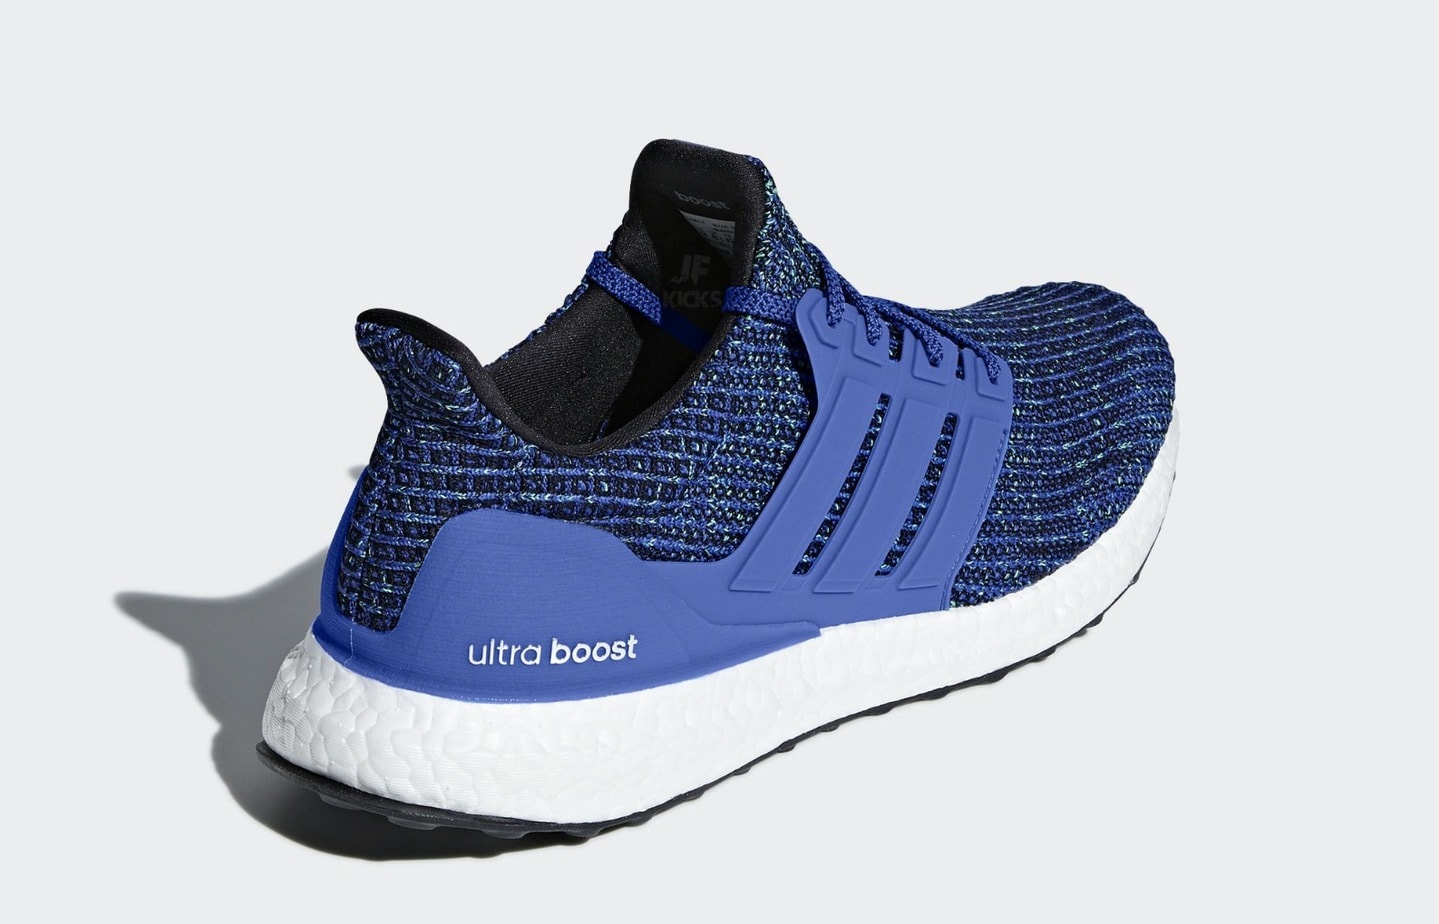 6aacaabf9 adidas Ultra Boost 4.0